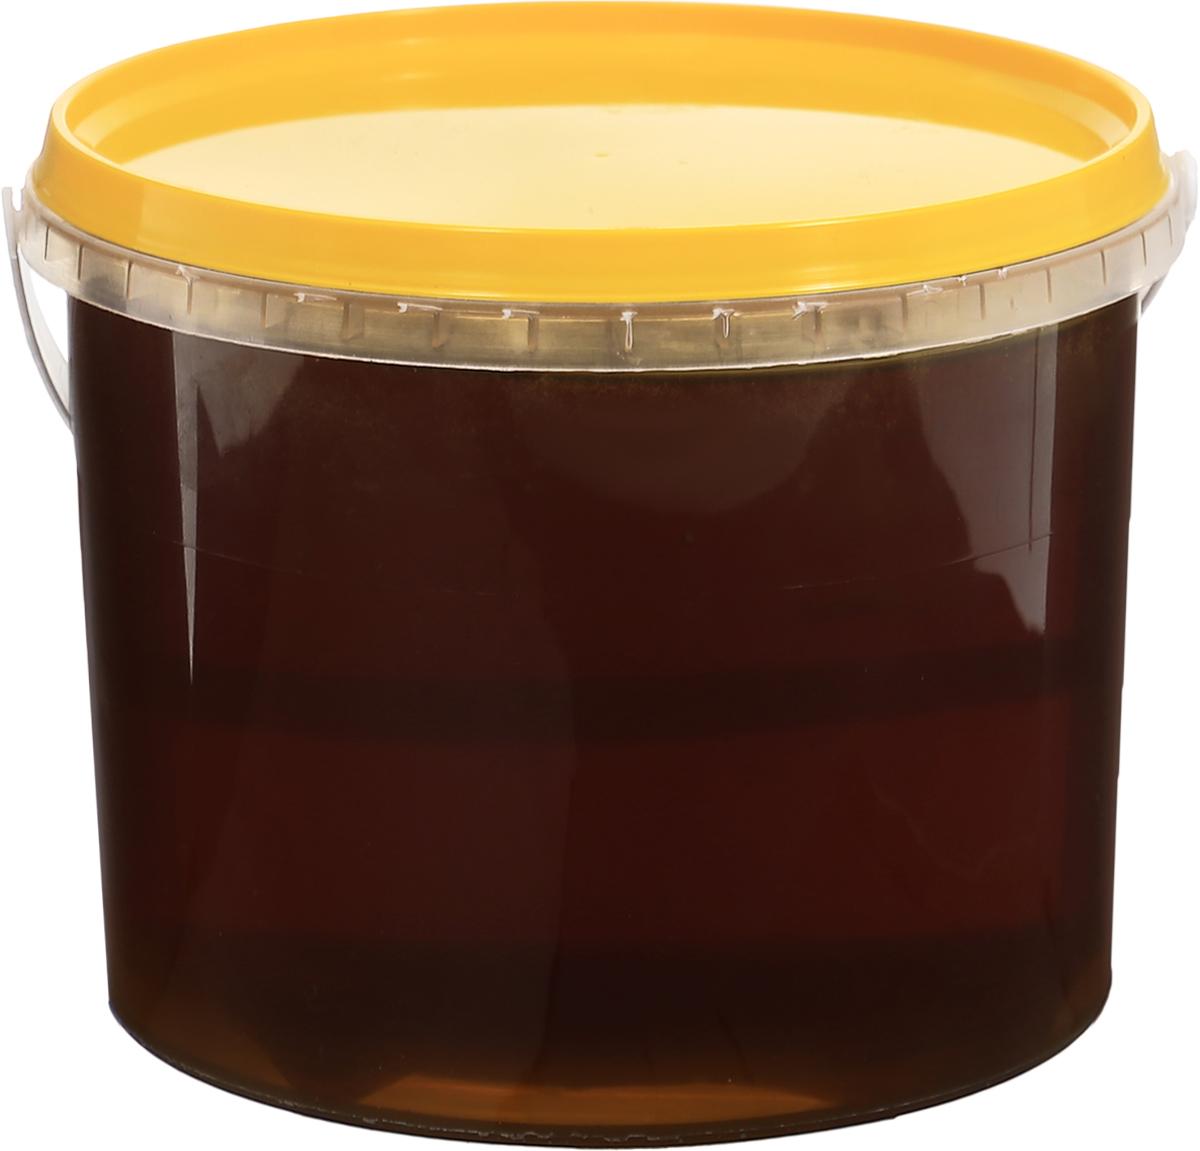 Медовед мед натуральный горный, 1 кг0120710За счет своих уникальных природных свойств пользу горного меда переоценить невозможно. Применяется он для лечения и профилактики многих заболеваний. Нектар собирается пчелами в предгорьях и у подножий гор. Пчелы собирают нектар с таких редких цветков, как, мелисса, чабрец, левзея, душица фацелия, розовая радиола, синяк, боярышник и других растений. Этим обусловлены особо ценные вкусовые и лечебные свойства натурального горного меда. Цвет у меда разный, как правило, от соломенно-желтого до светло-коричневого.Натуральный горный мед применяется при лечении ангины, насморка, ларингита, трахеита, сердечно-сосудистой системы и как общеукрепляющее средство. Обладает сильными антибактериальными свойствами. Полезен при атеросклерозе, заболеваниях печени, повышенной функции щитовидной железы, а также - как успокоительное при нервных заболеваниях и бессоннице.Народная медицина советует применять его при головокружении и одышке. Научная медицина рекомендует этот сорт меда в диабетическом питании, так как не требует присутствия инсулина. Чаще всего горный мед применяют для лечения заболеваний дыхания и дыхательных путей, при глазных заболеваниях. В гинекологии горный мед используется преимущественно в компрессах. Полезен он и в лечении гнойного гайморита.Медосбор осуществляется на территории биосферных заповедников (основные: Валдай, Дальний Восток, Алтай, Кубань, Башкирия). Фасуется мед на производстве в Москве. Декларация соответствии: TC N RU Д-RU.АЮ97.B.05271.